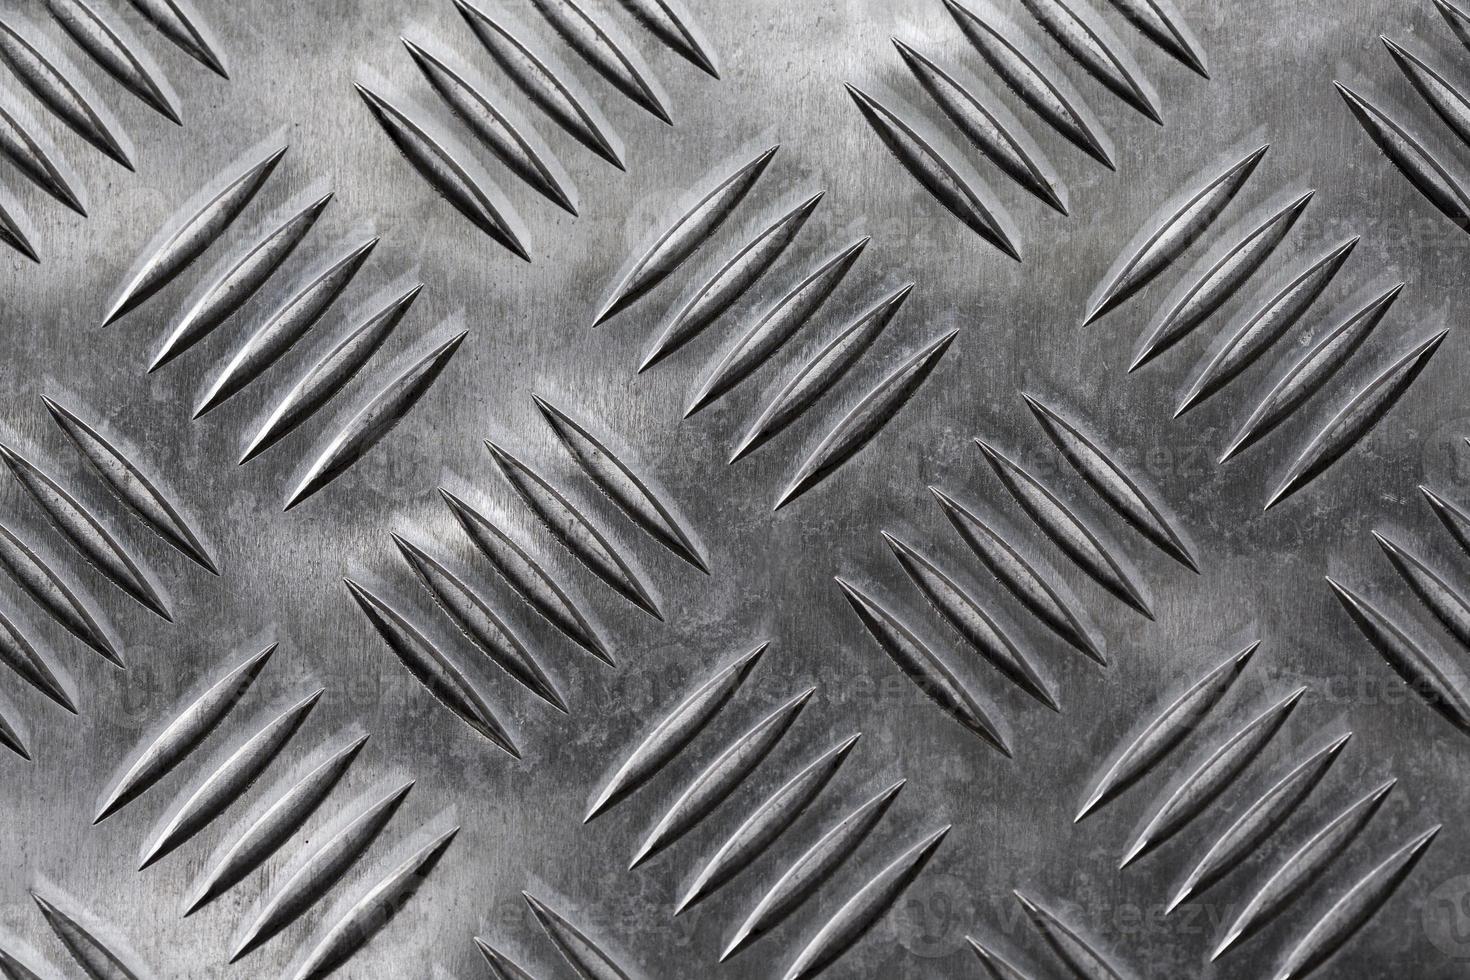 silvermetallisk bakgrund med ventilationshål foto